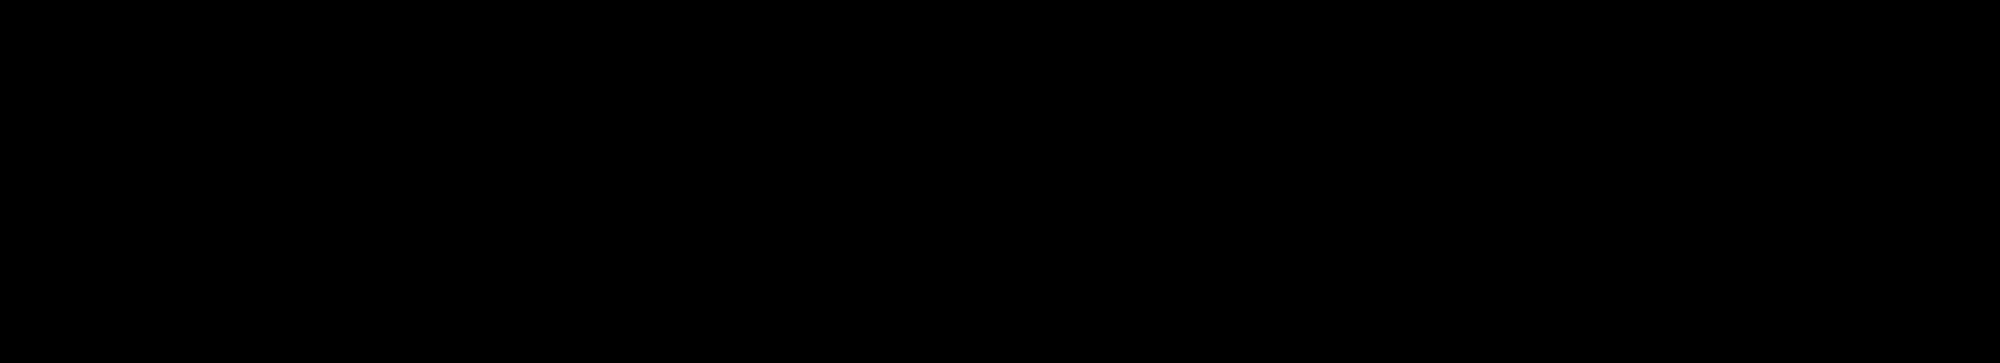 1 - לוריאל - Copy